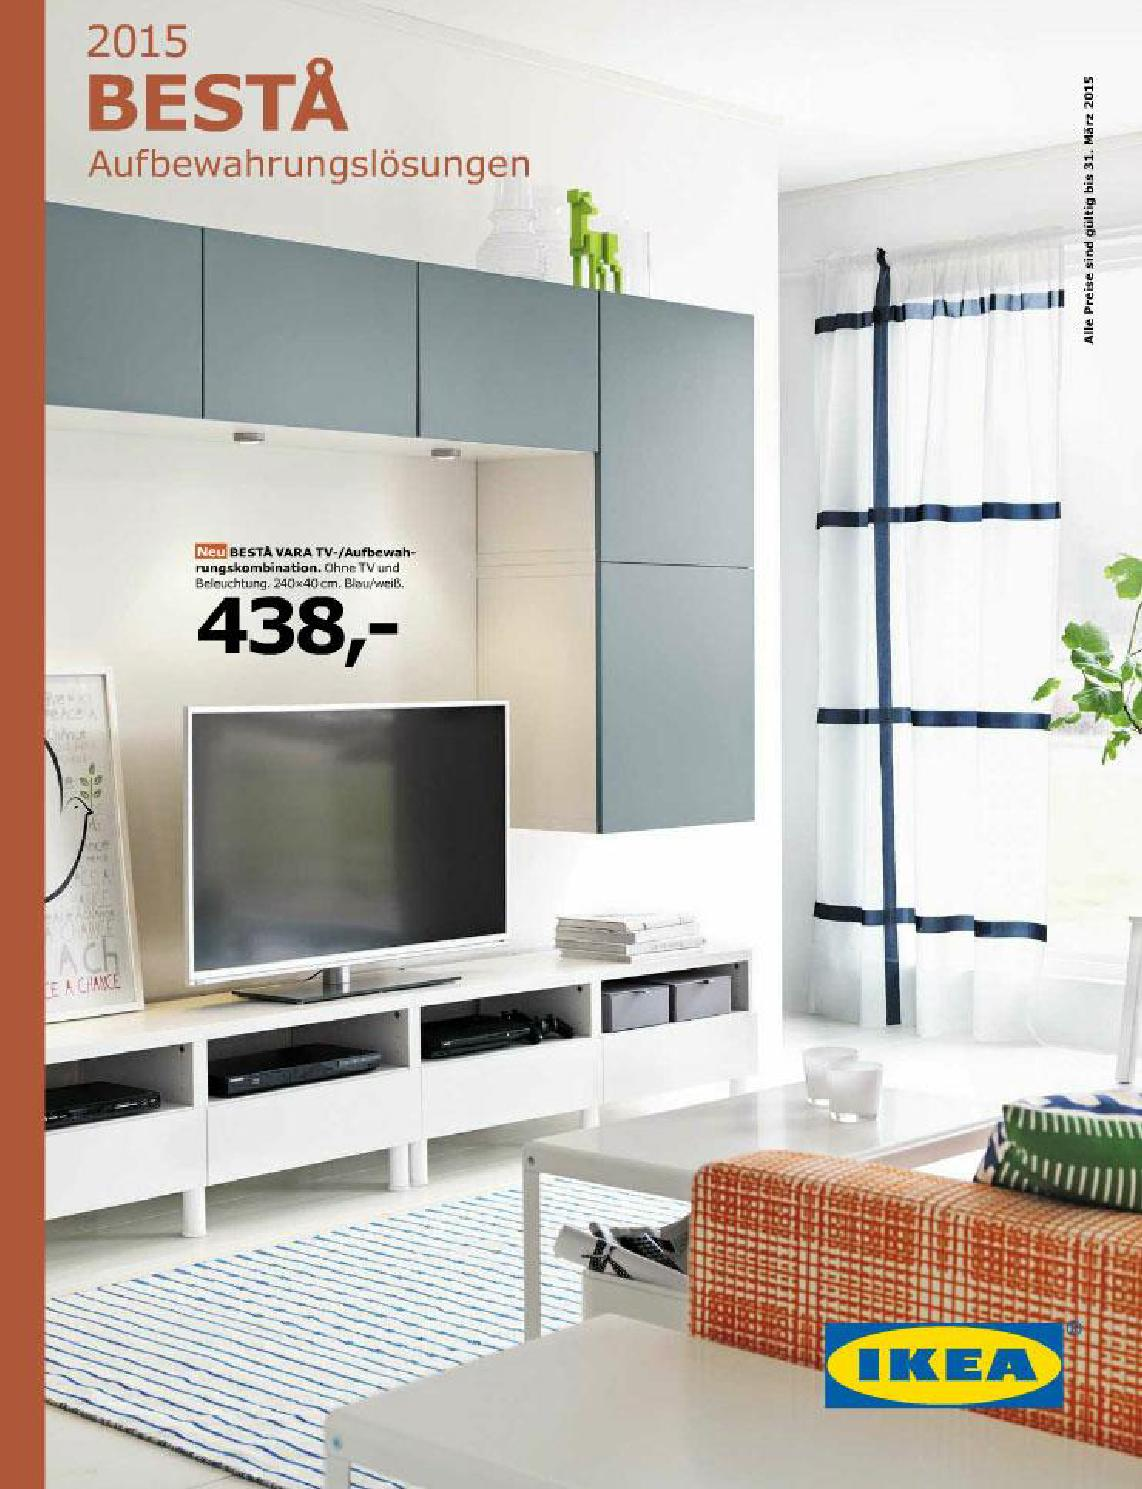 Ikea Besta Aufbewahrungslosungen By Alle Angebote Issuu